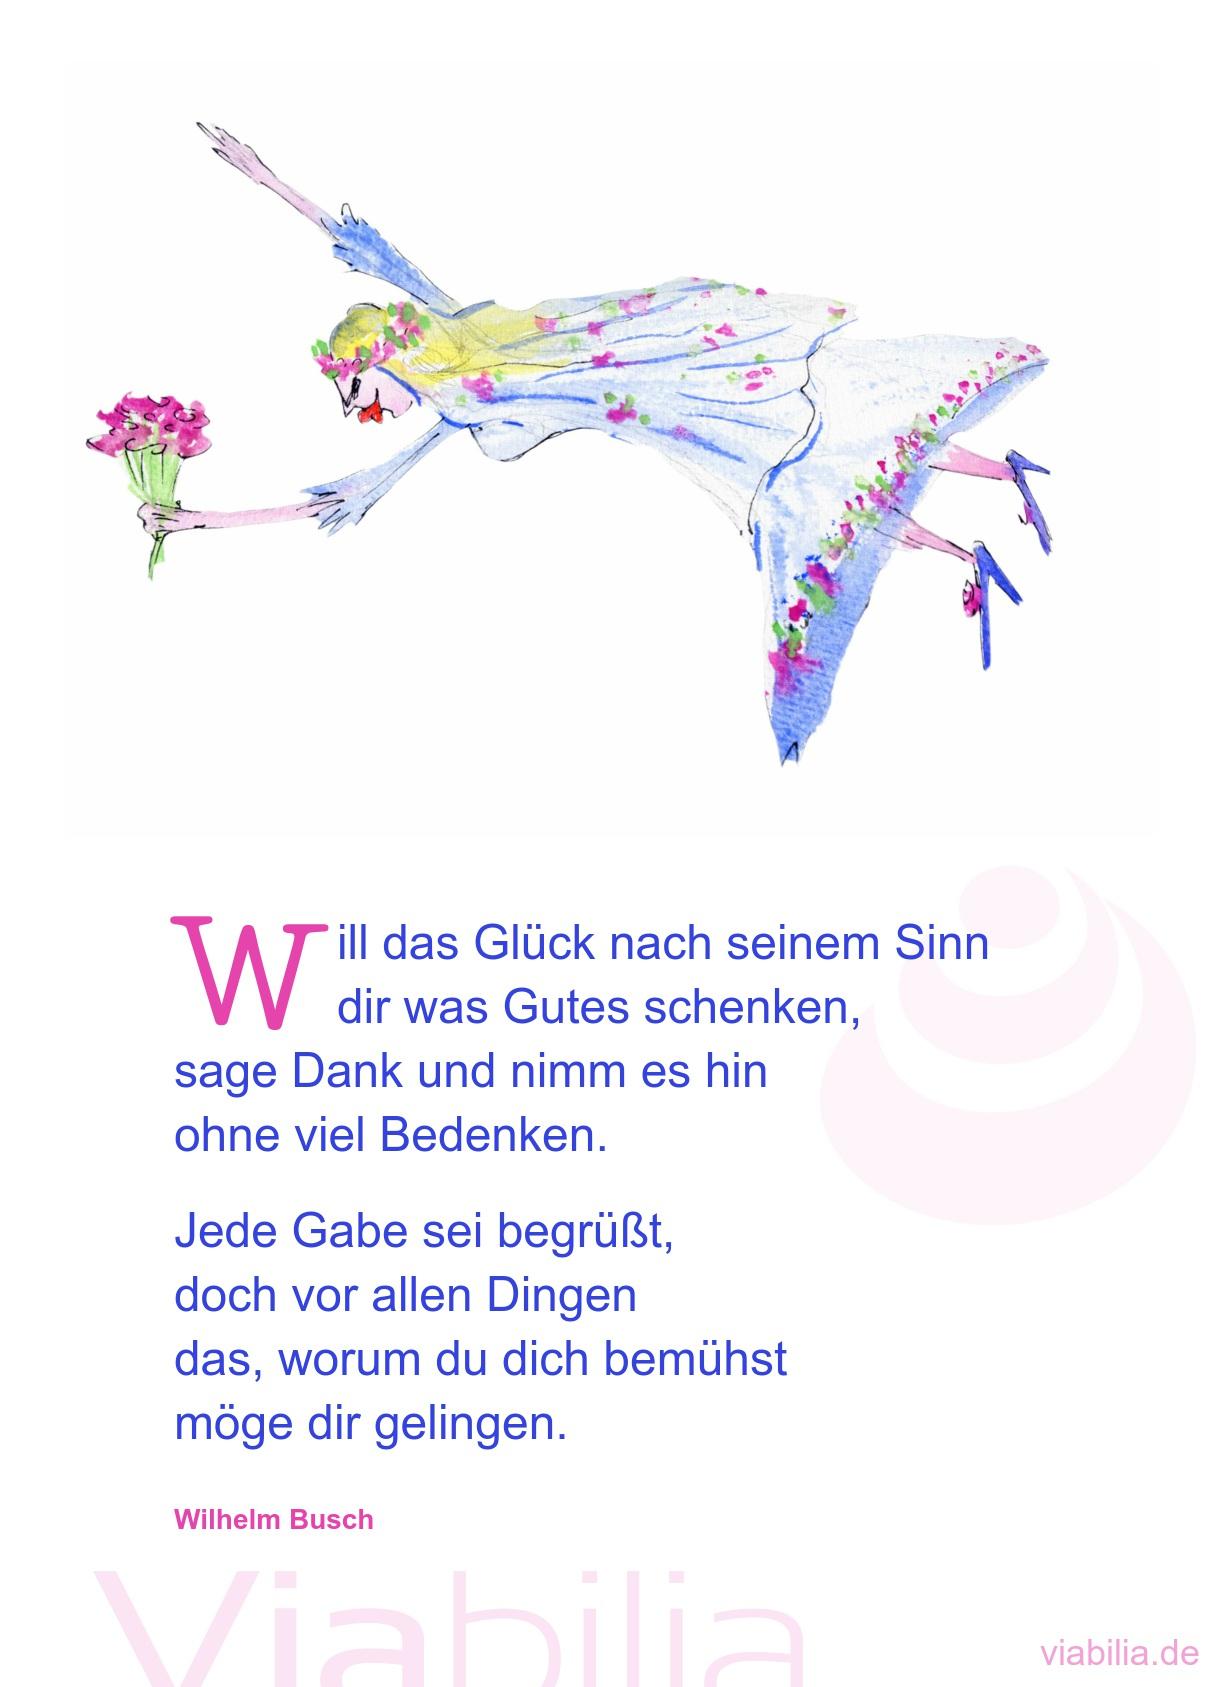 Will Das Glück Nach Seinem Sinn - Poesiealbum Spruch über Wilhelm Busch Geburtstag Gedicht